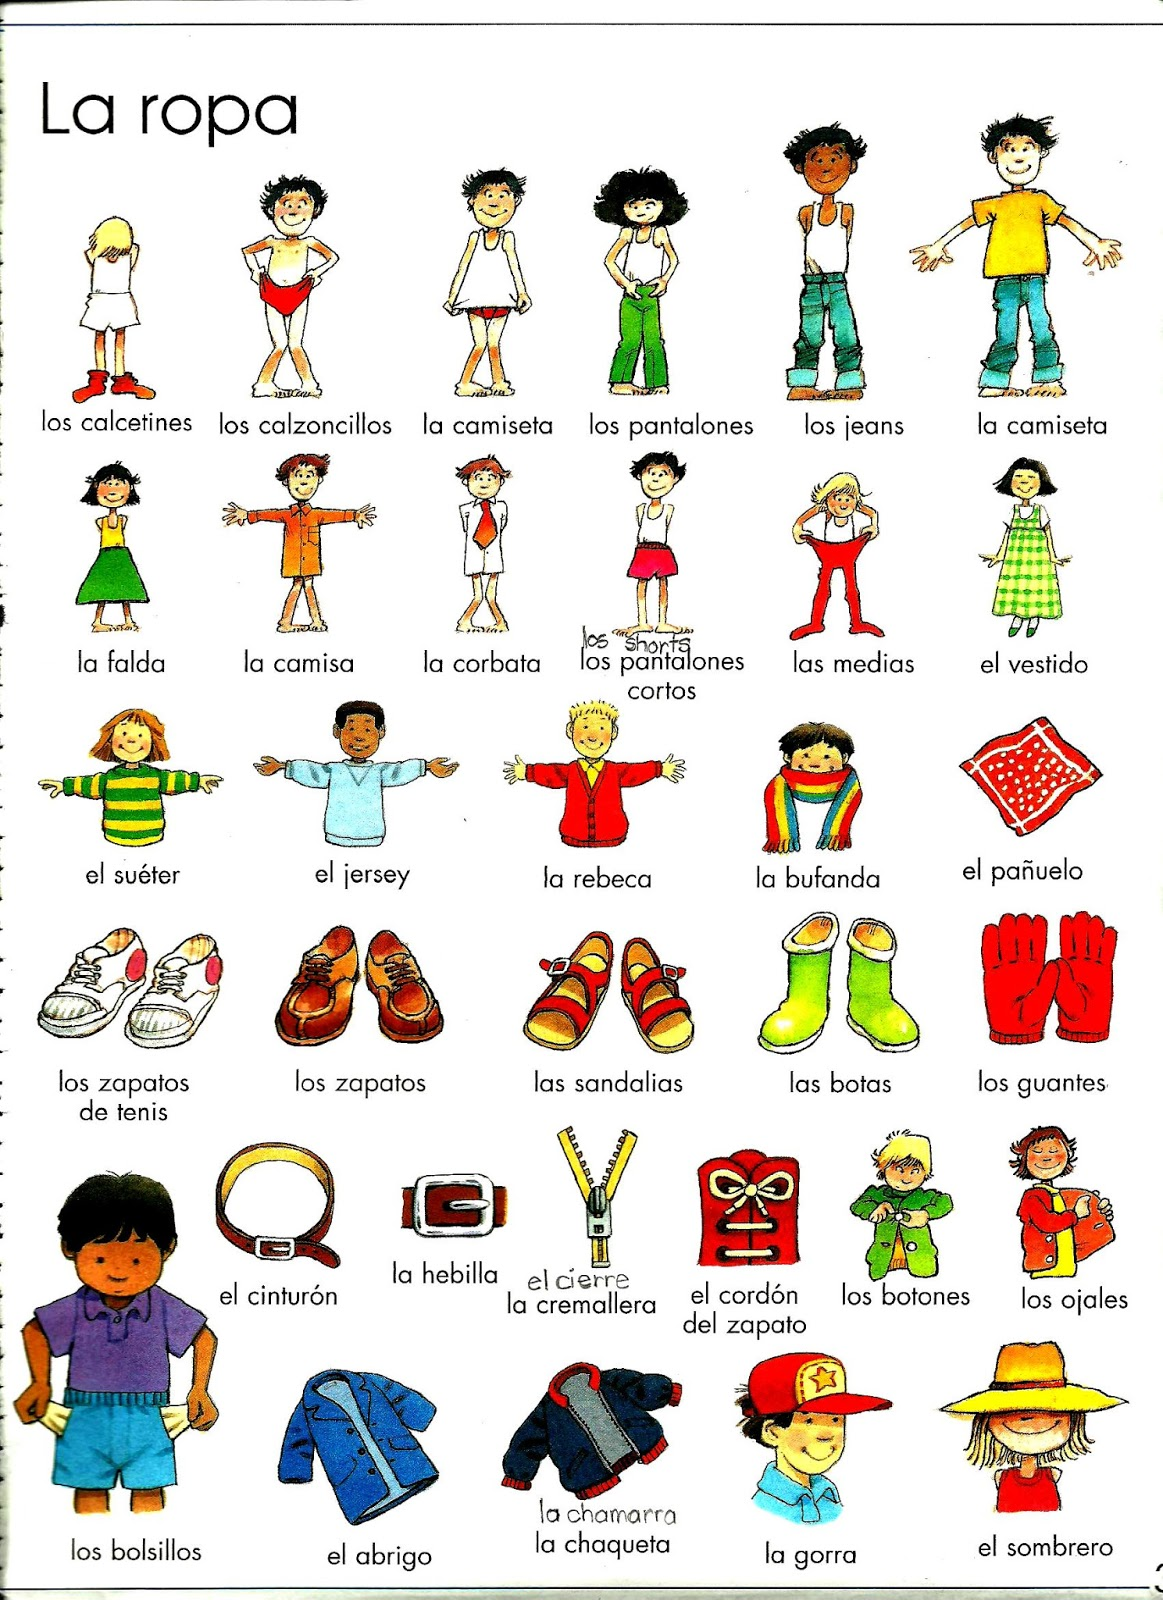 Ropa en ingles Vocabulario de prendas de vestir - vocabulario de ropa en ingles con imagenes